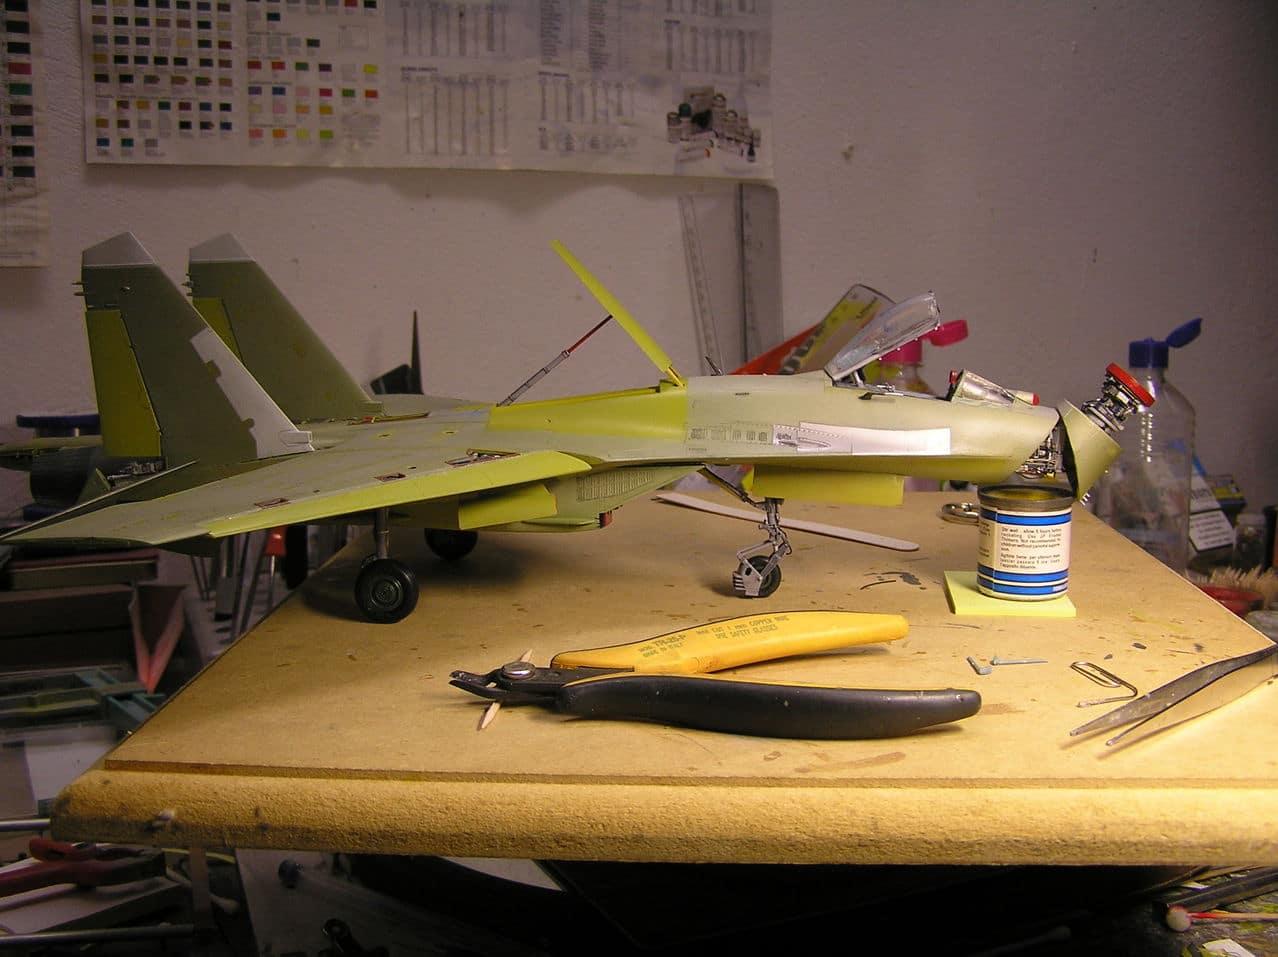 ...καπως ετσι αρχισαν ολα...Su-27  και τα μυαλα στα καγκελα... - Σελίδα 4 P1010197